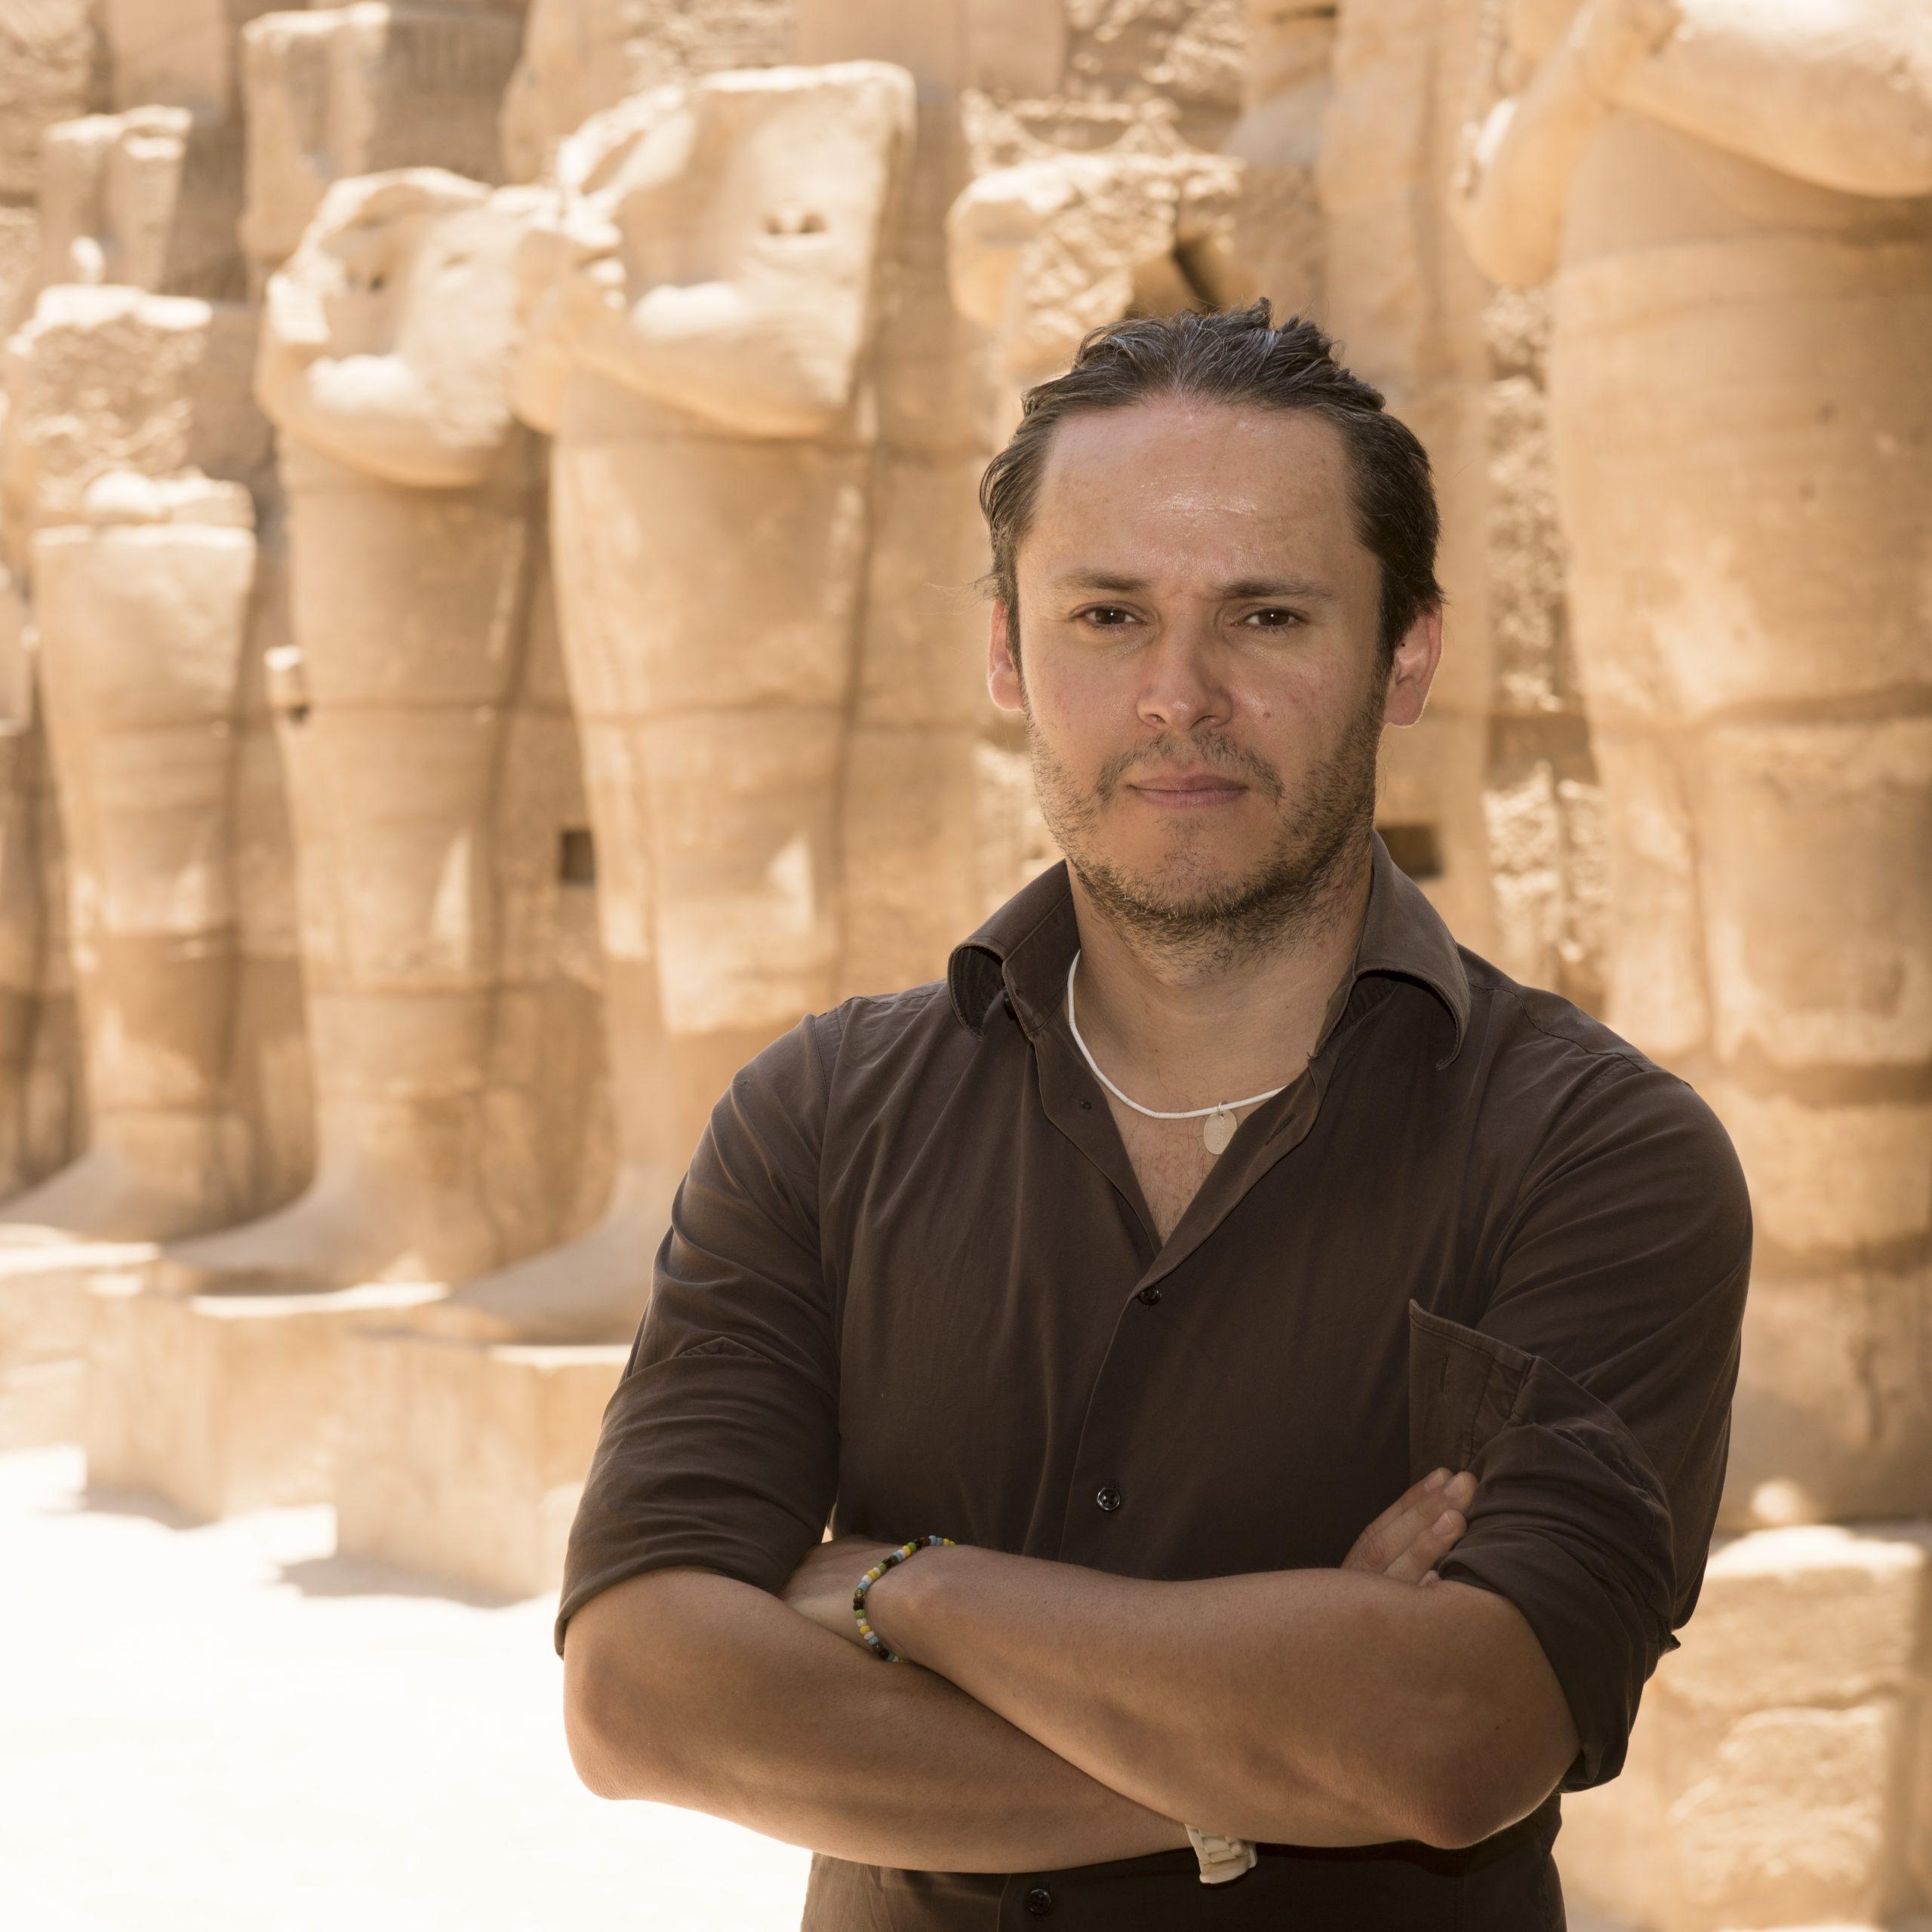 Egiptólogo Abraham Ignacio